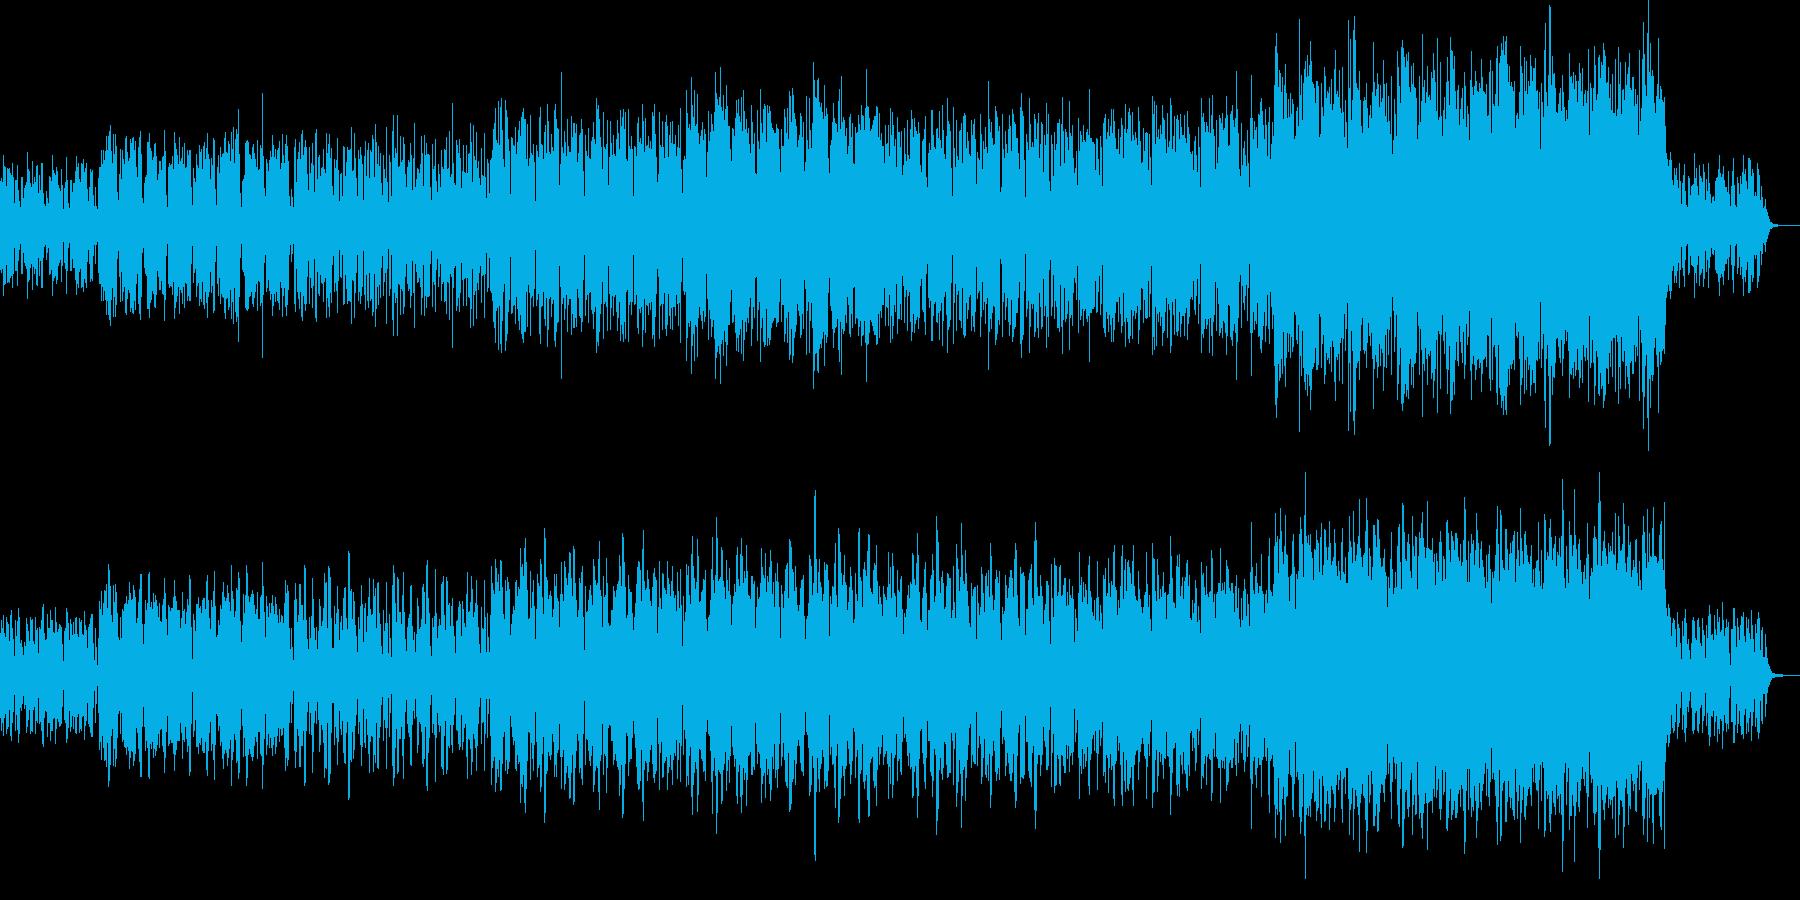 ドキドキ・冒険・始まり・わくわくの再生済みの波形